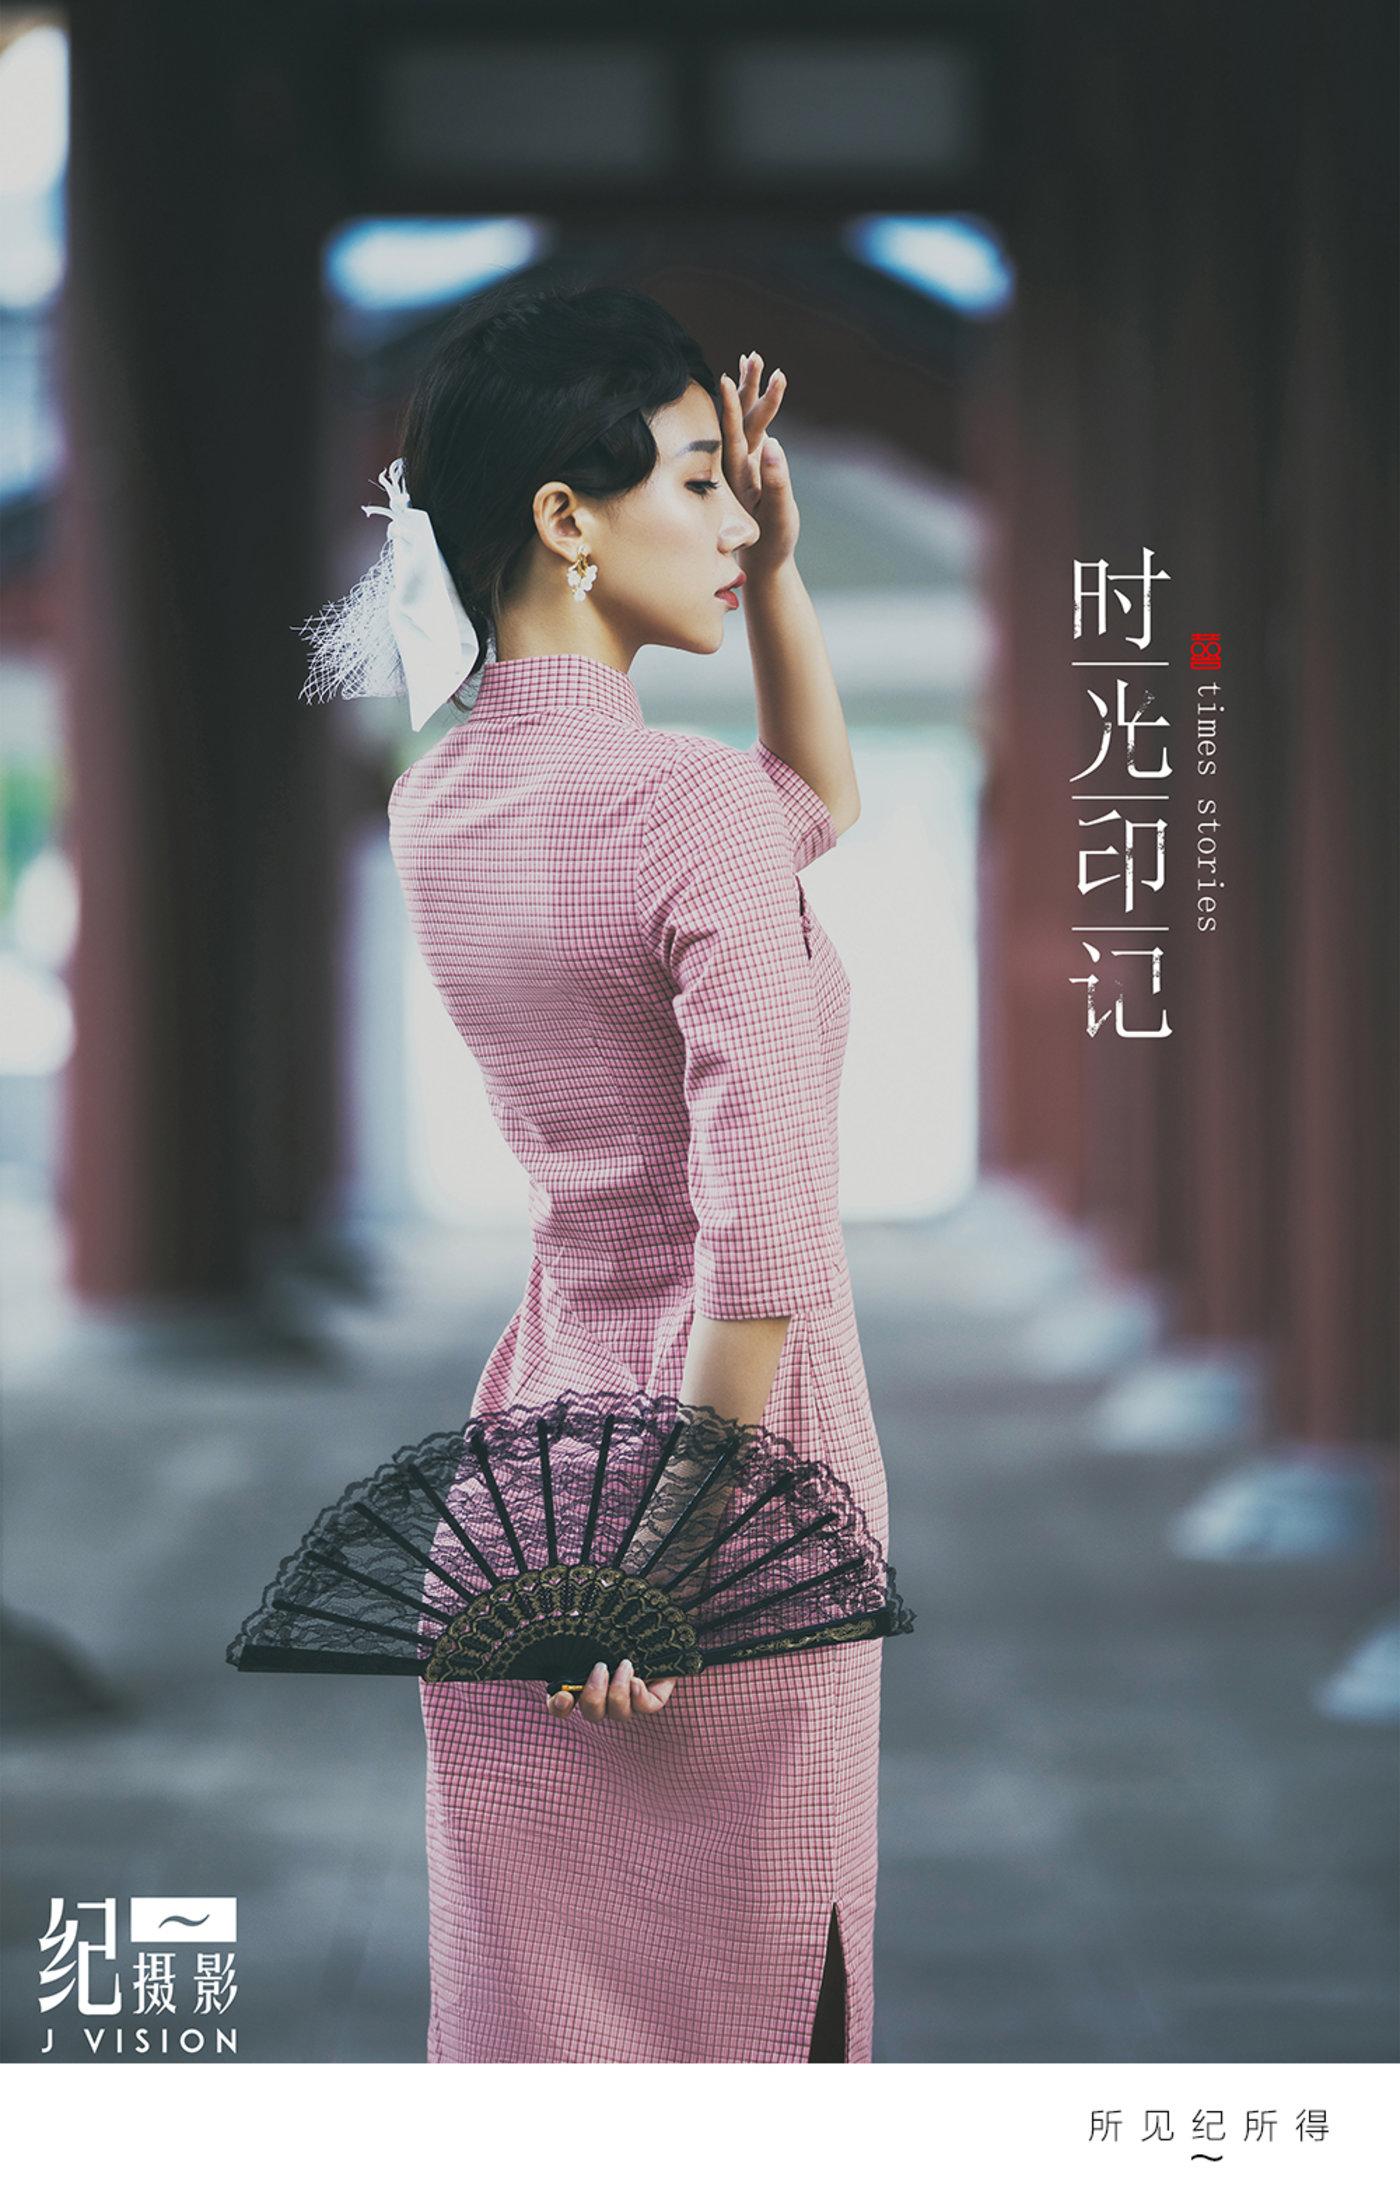 < 文艺丨 倾城之恋 >13